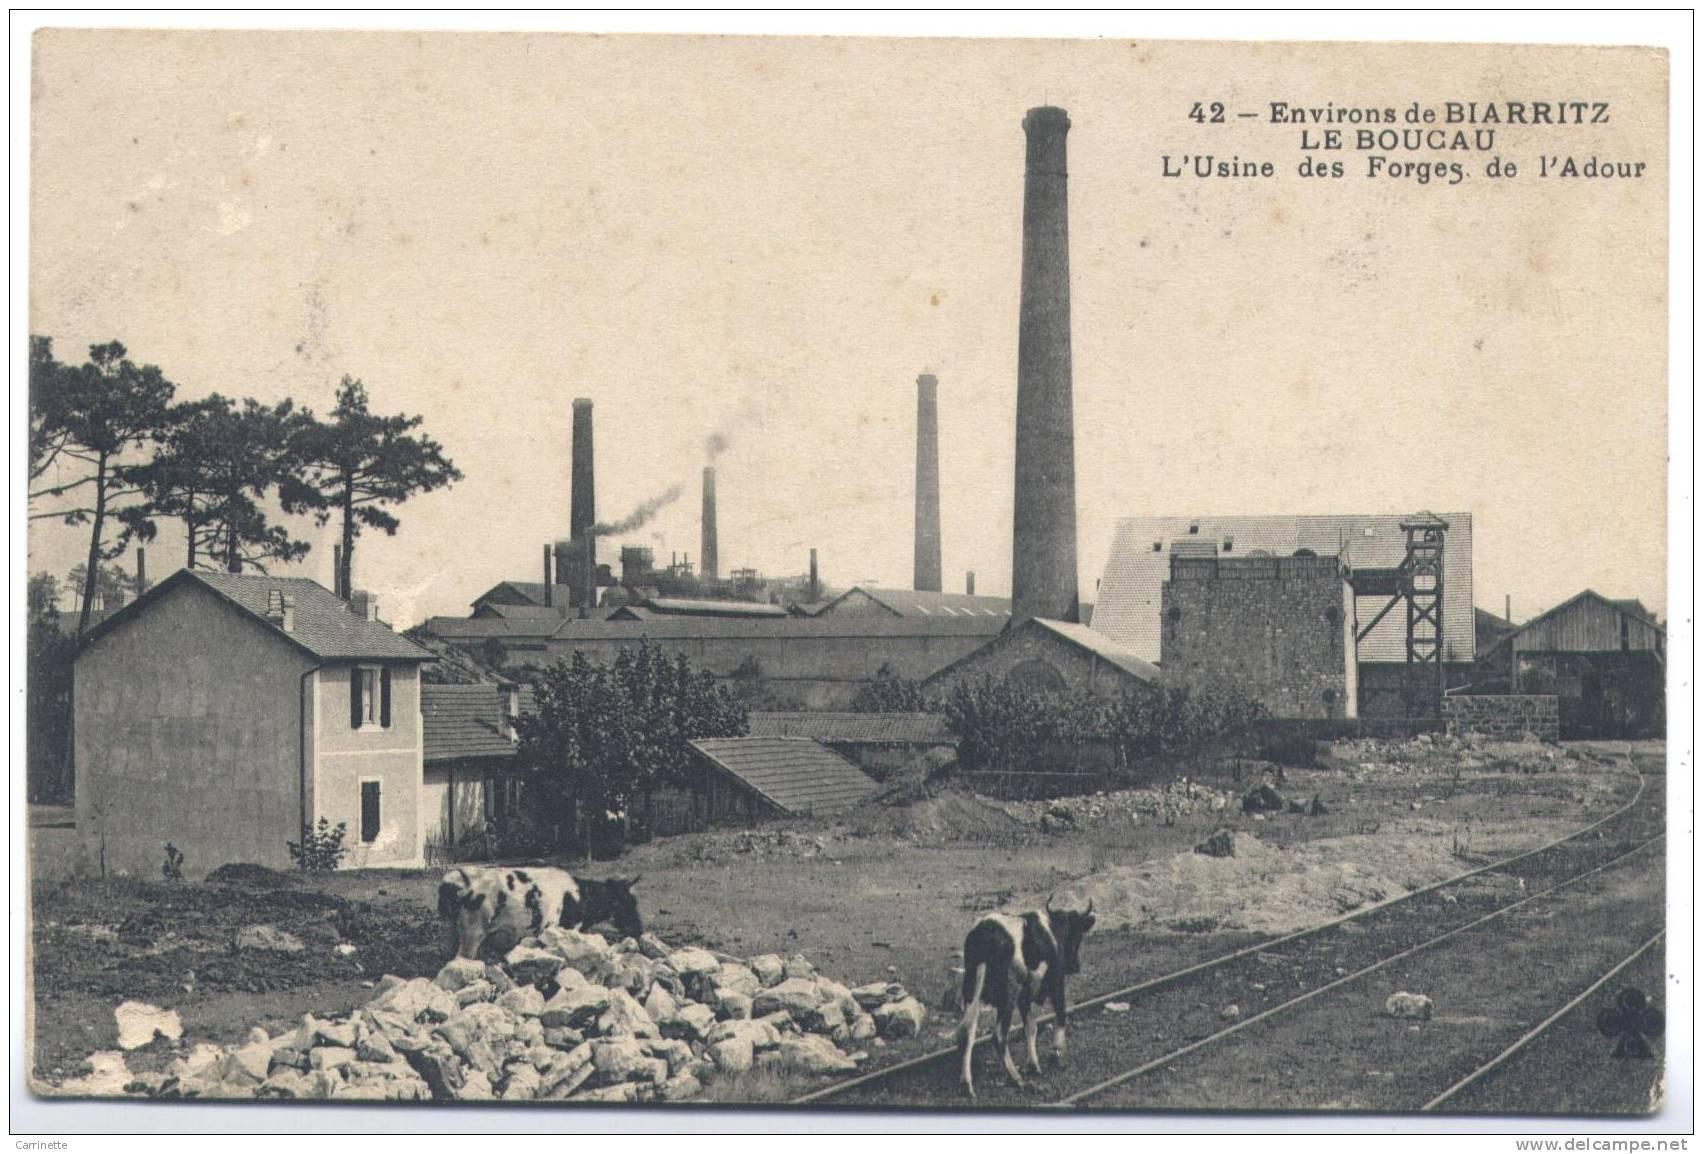 Le boucau 64 pays basque usine des forges de l for Les forges d adour